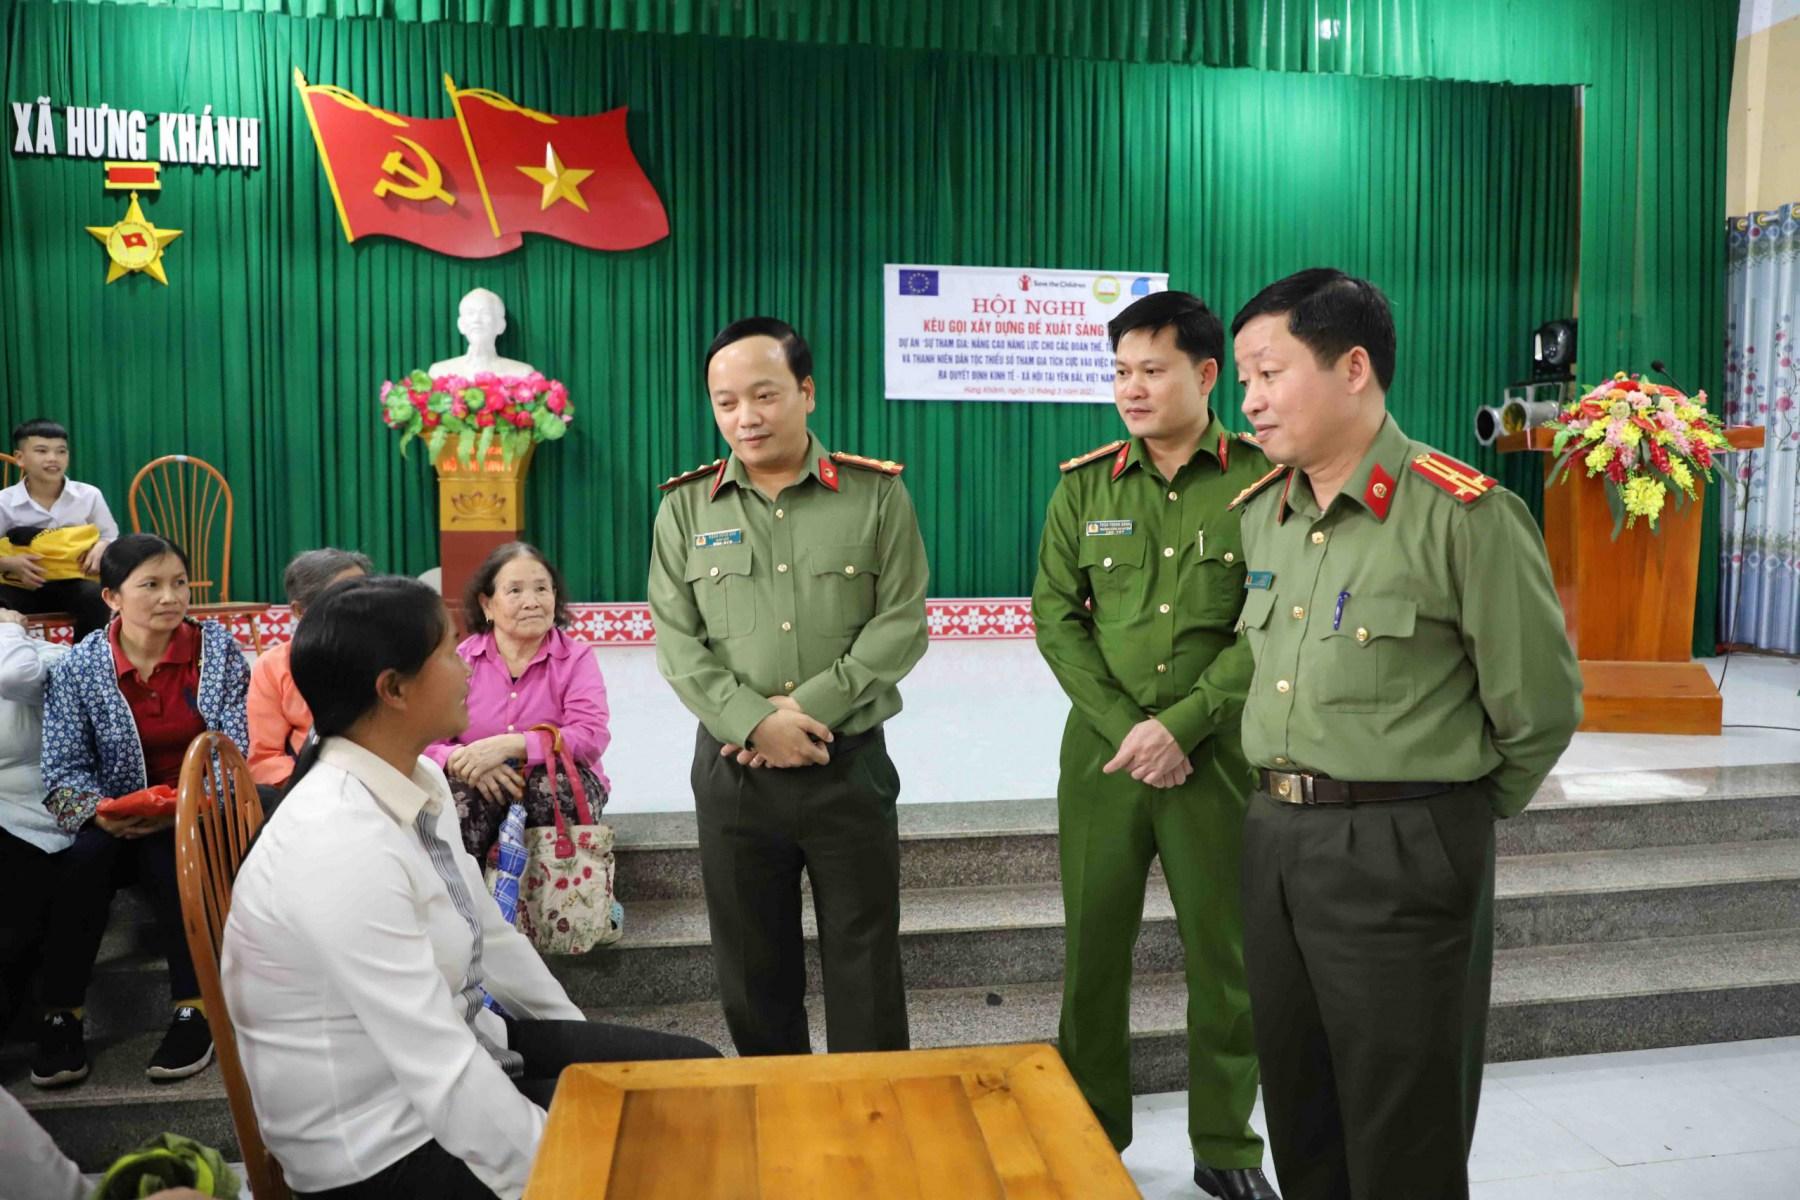 Đoàn công tác Công an tỉnh hỏi thăm và động viên người dân đến làm thủ tục cấp CCCD.